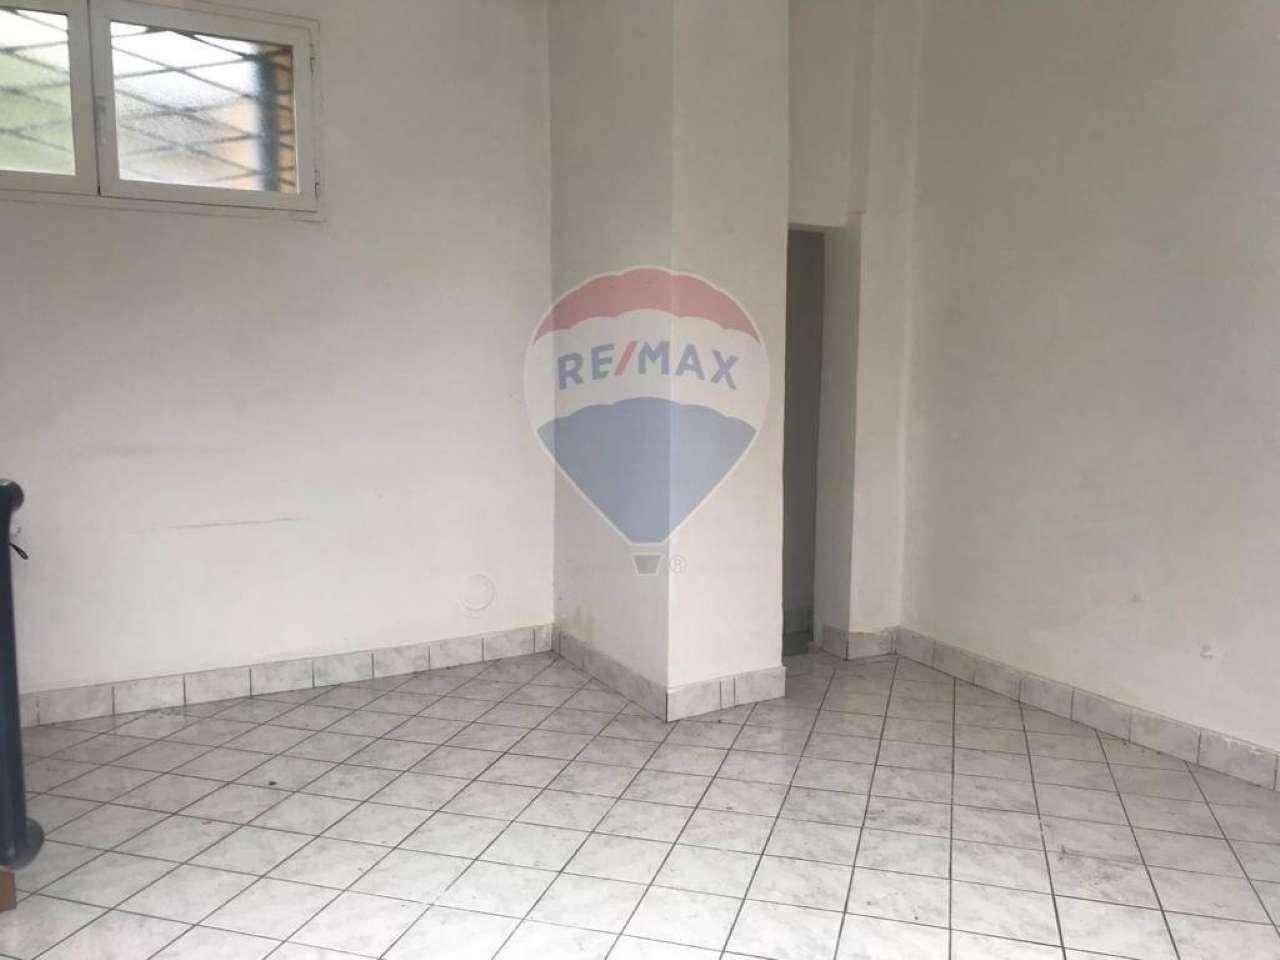 Negozio / Locale in vendita a Bergamo, 1 locali, prezzo € 16.900 | PortaleAgenzieImmobiliari.it